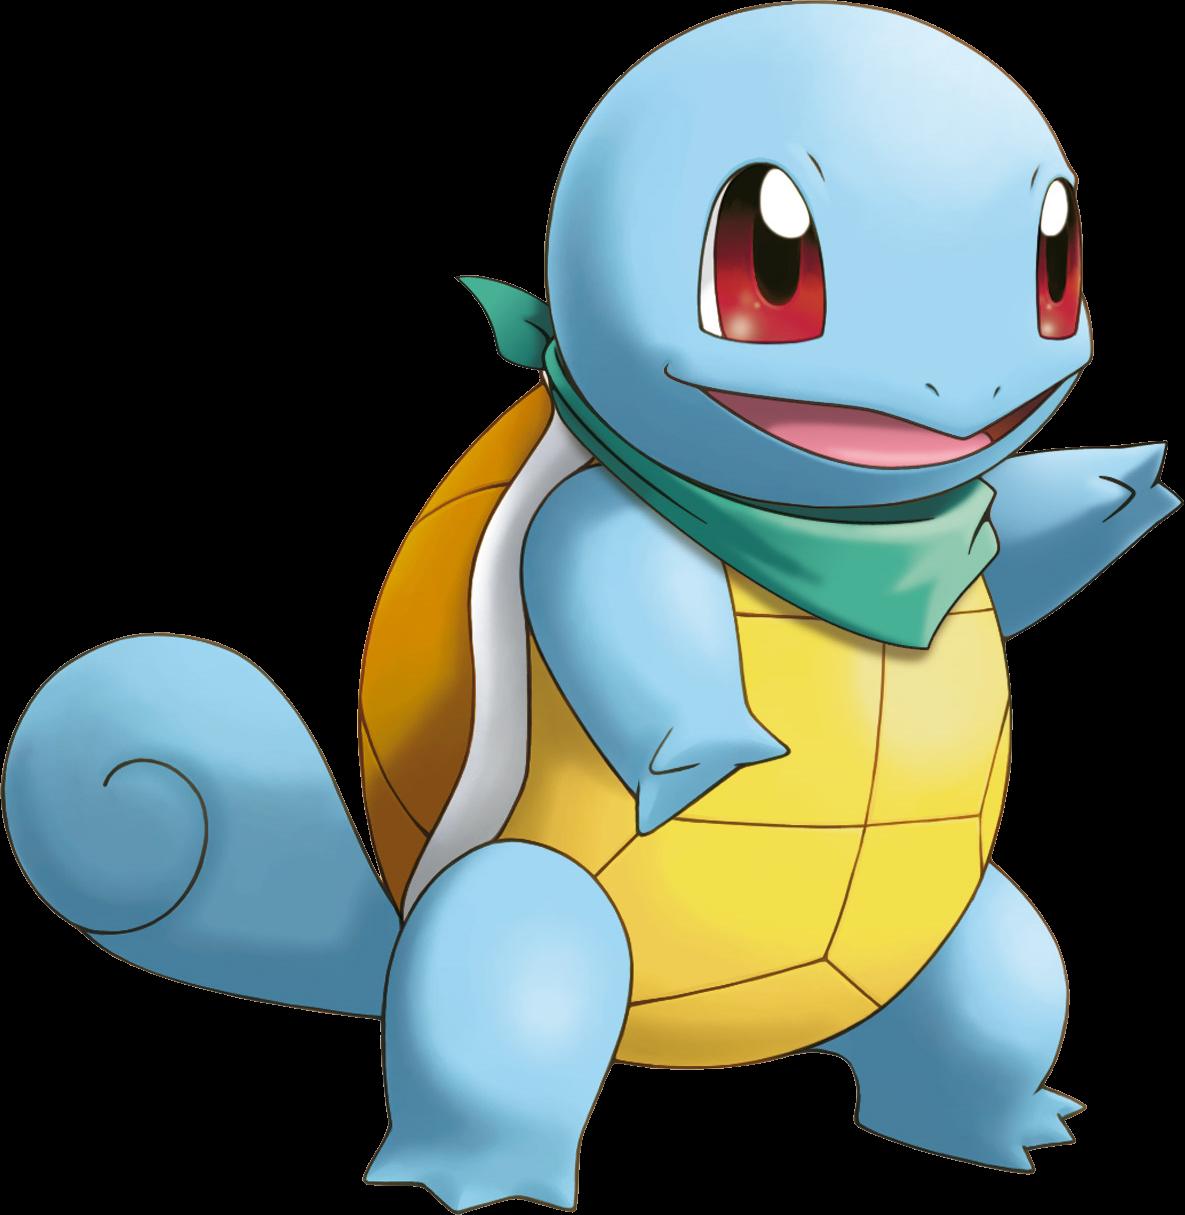 Pokemon squirtle porn pics xxx pic